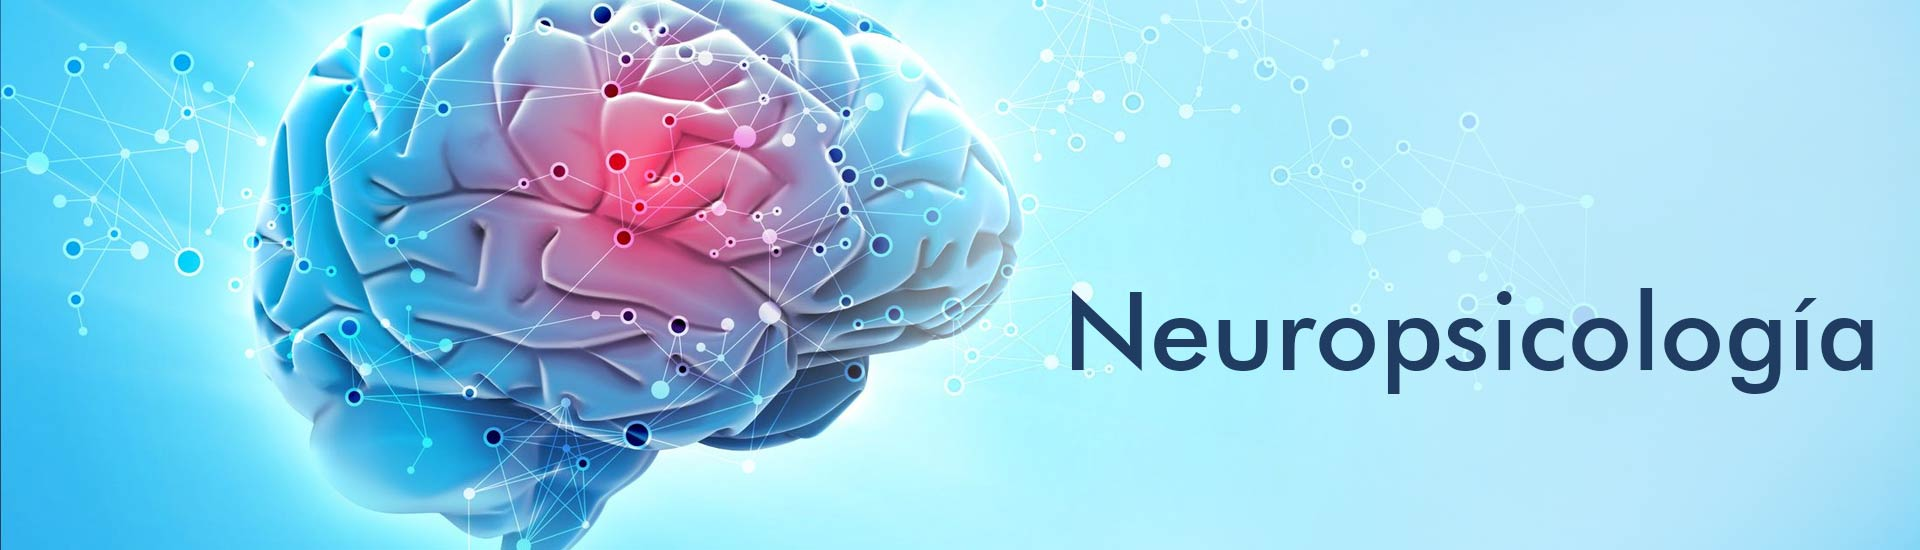 Sercrecer neuropsicología